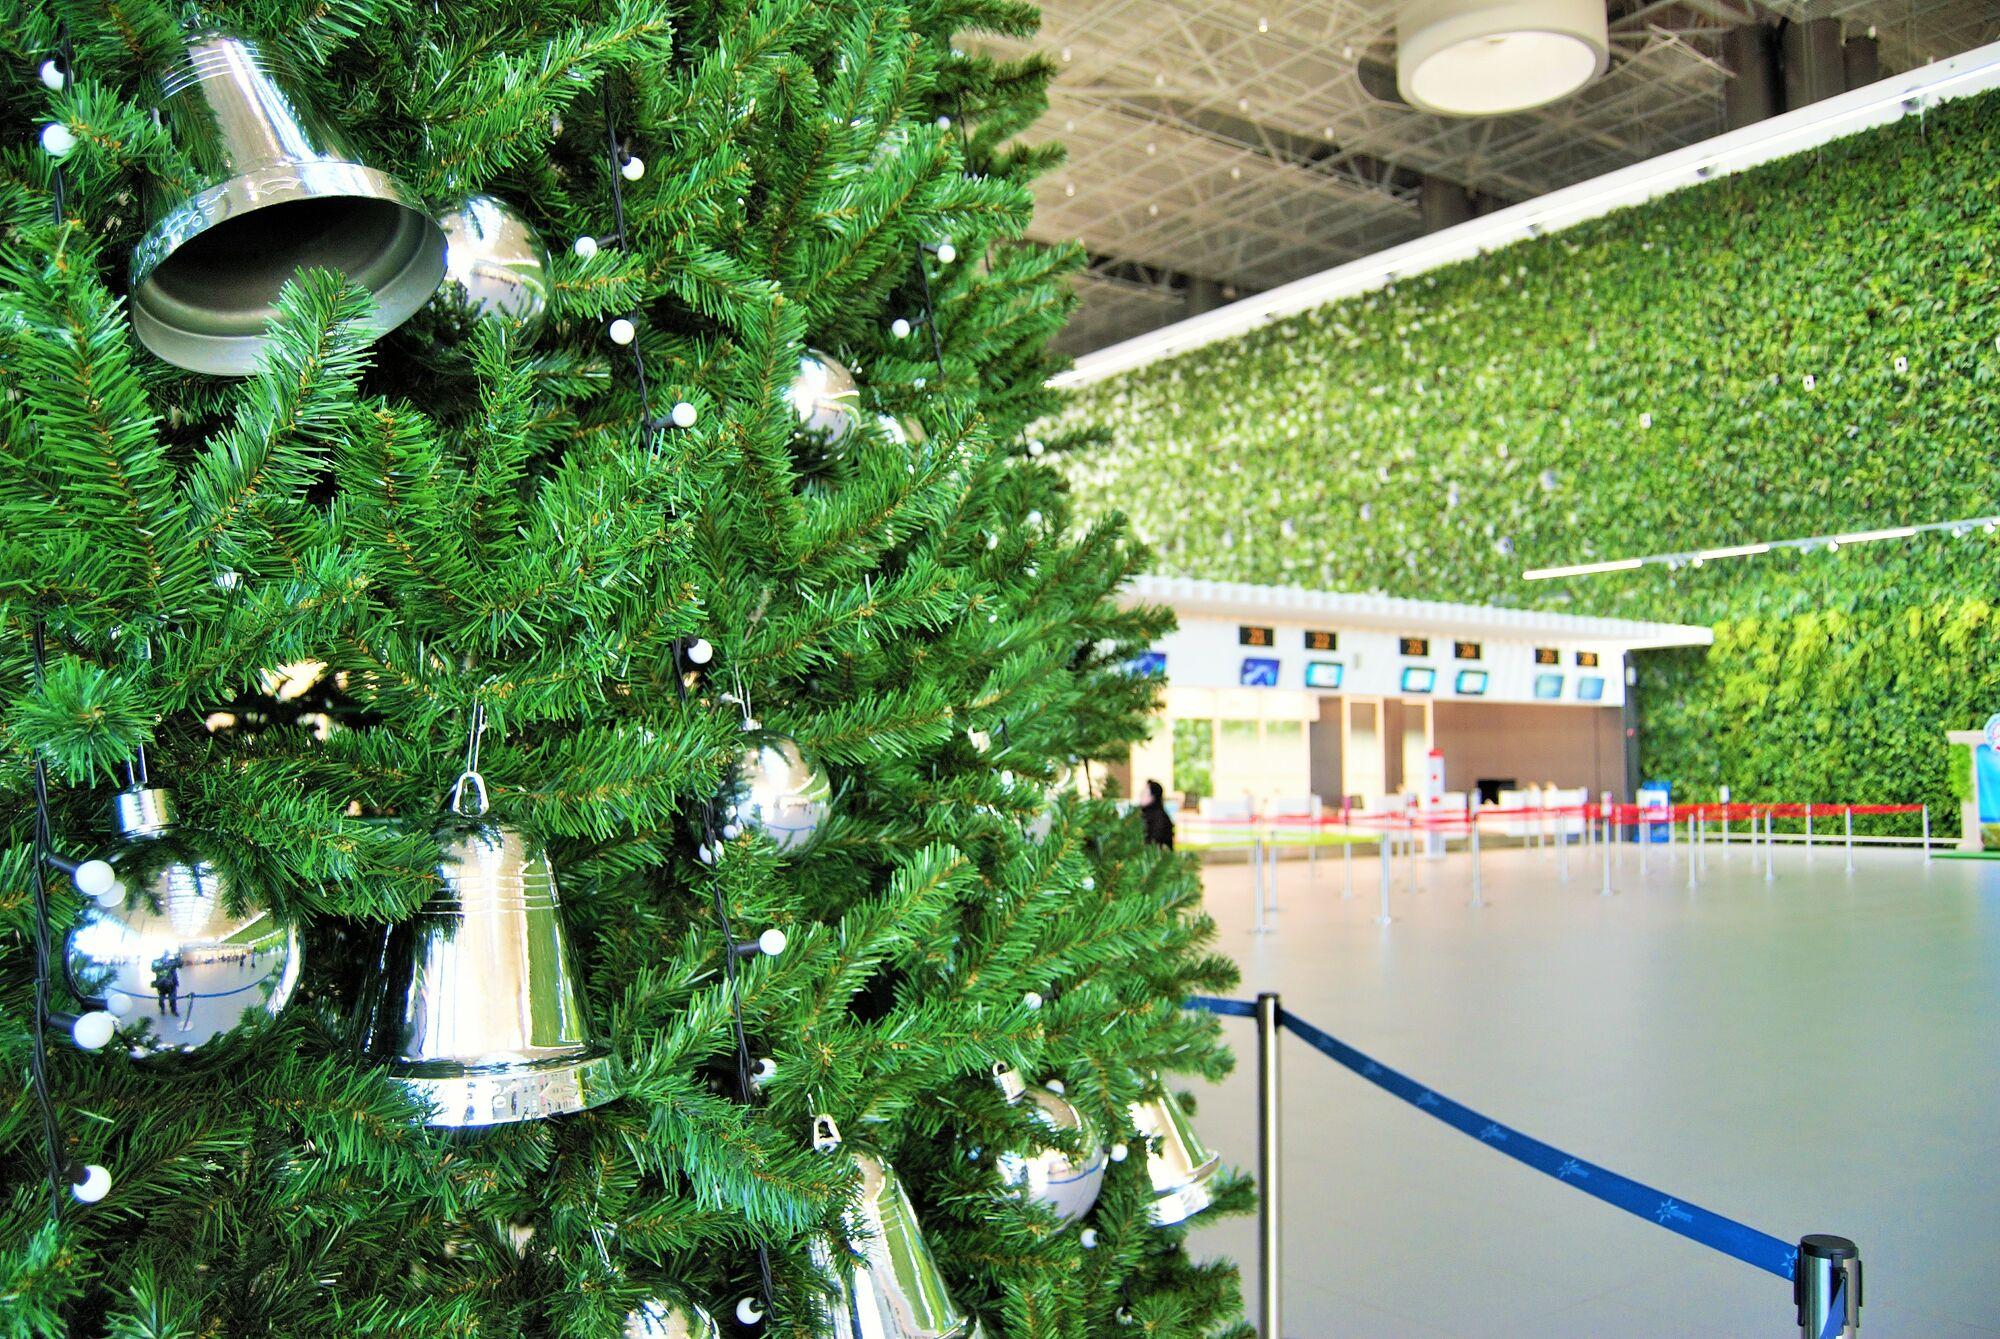 Около тысячи игрушек и полкилометра гирлянд: в аэропорту Симферополя установили елку